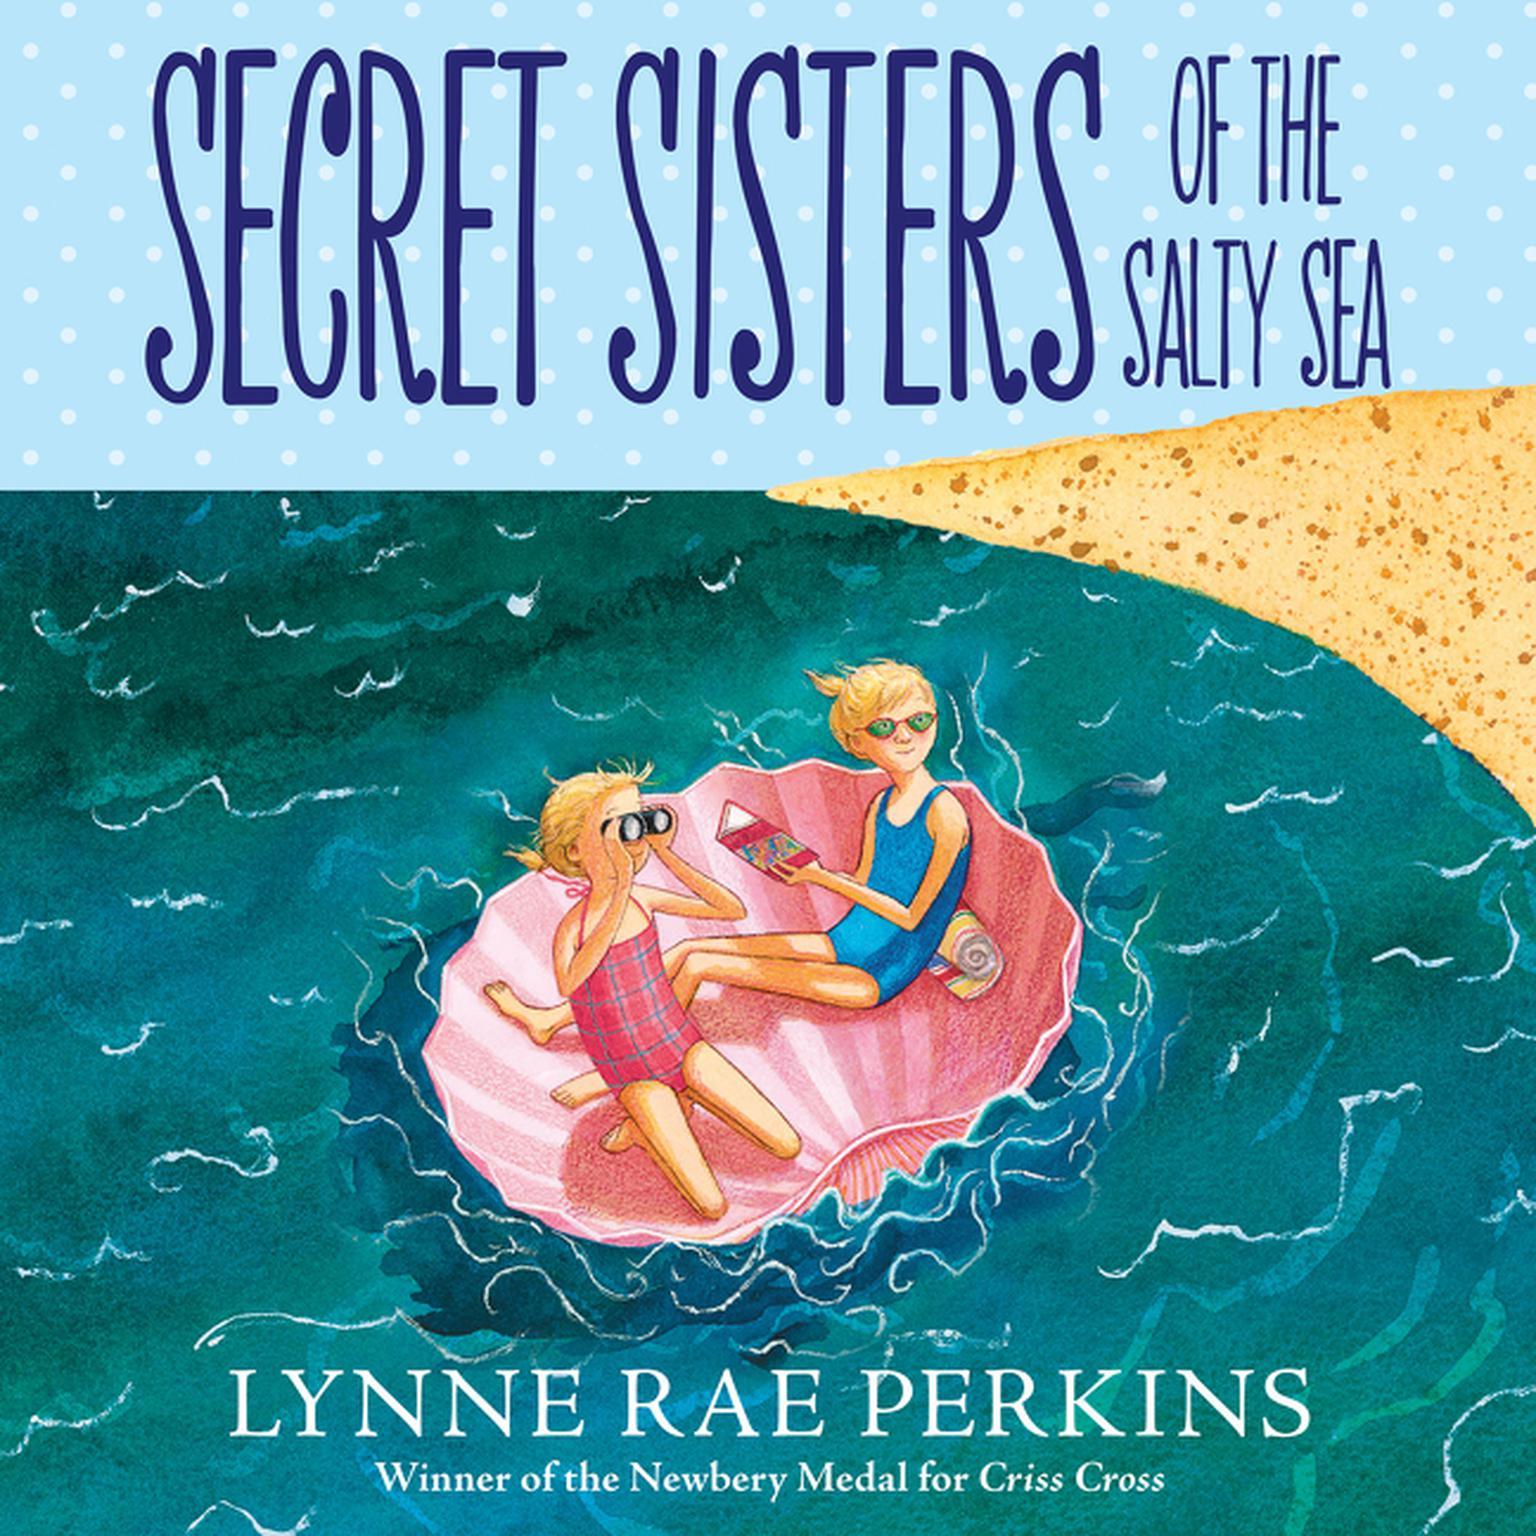 Secret Sisters of the Salty Sea Audiobook, by Lynne Rae Perkins